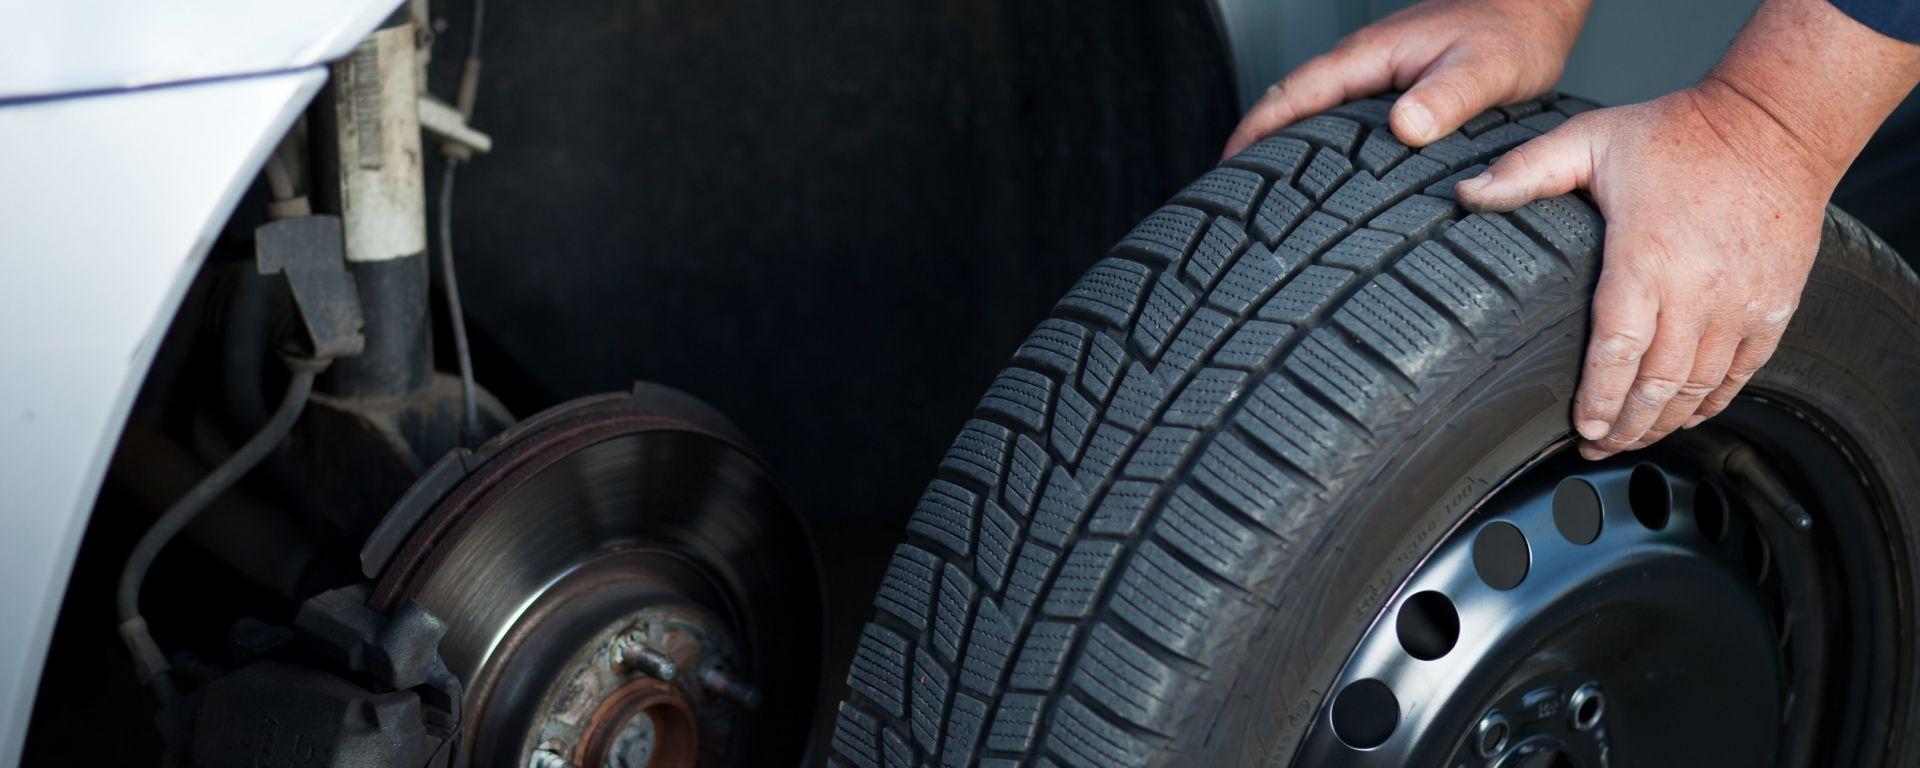 Sostituzione pneumatici invernali, proroga al 15 giugno